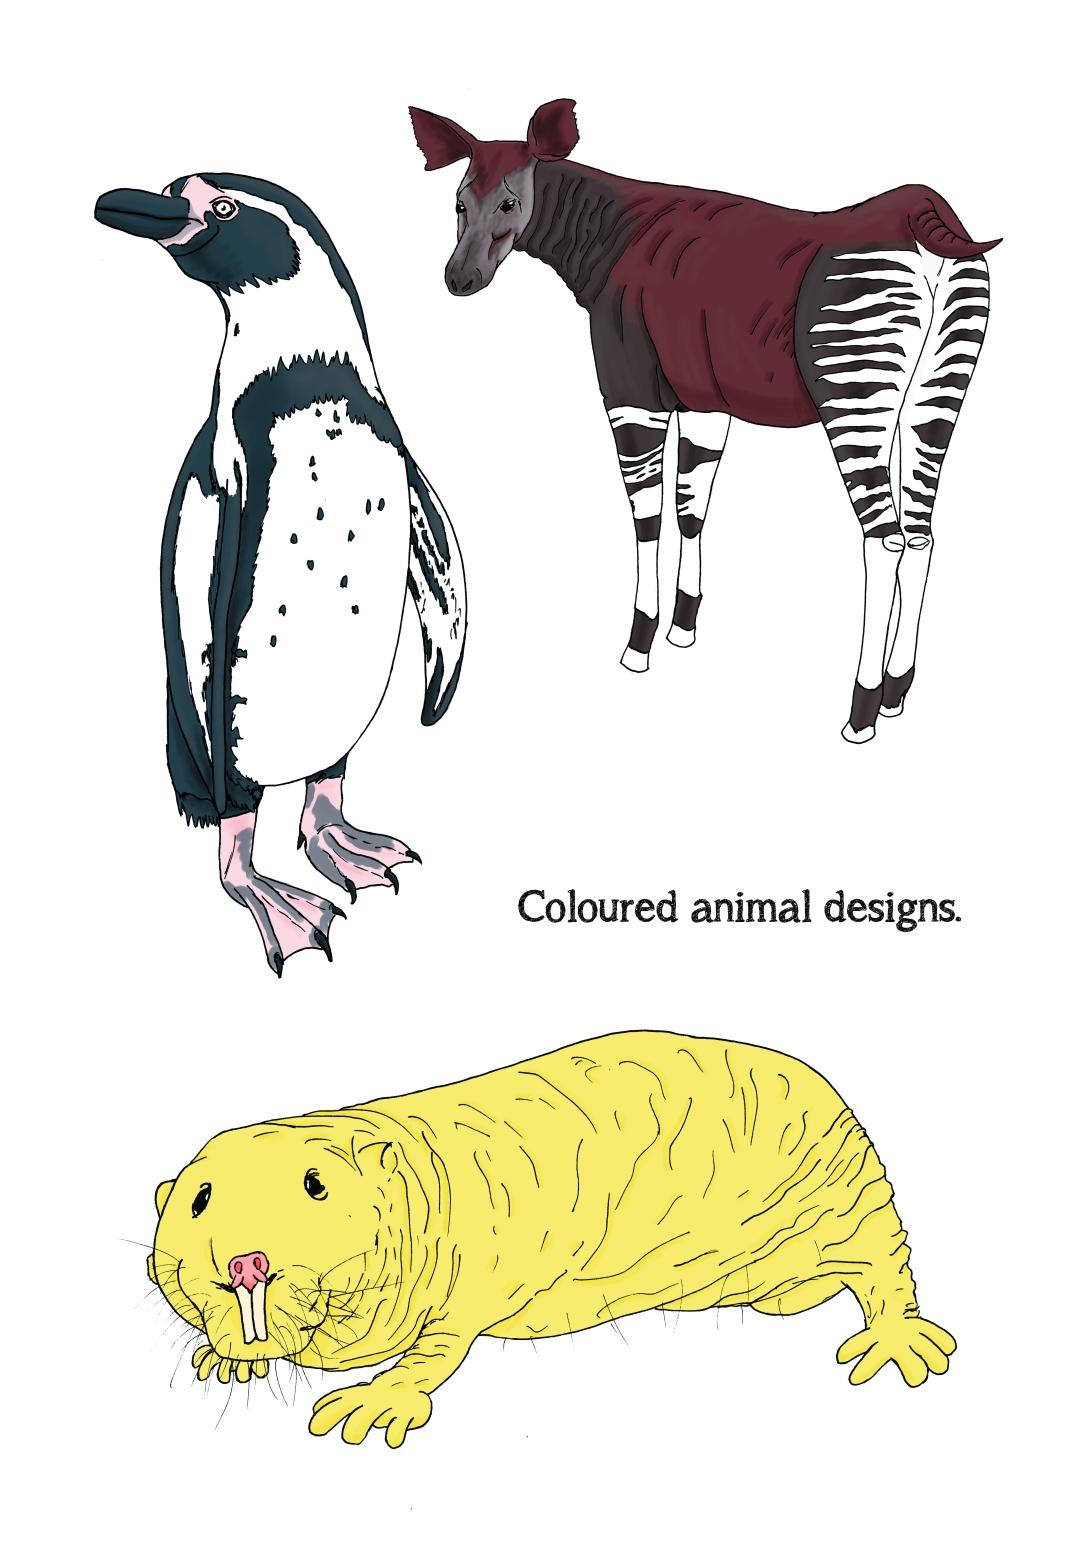 14 Coloured animal selection